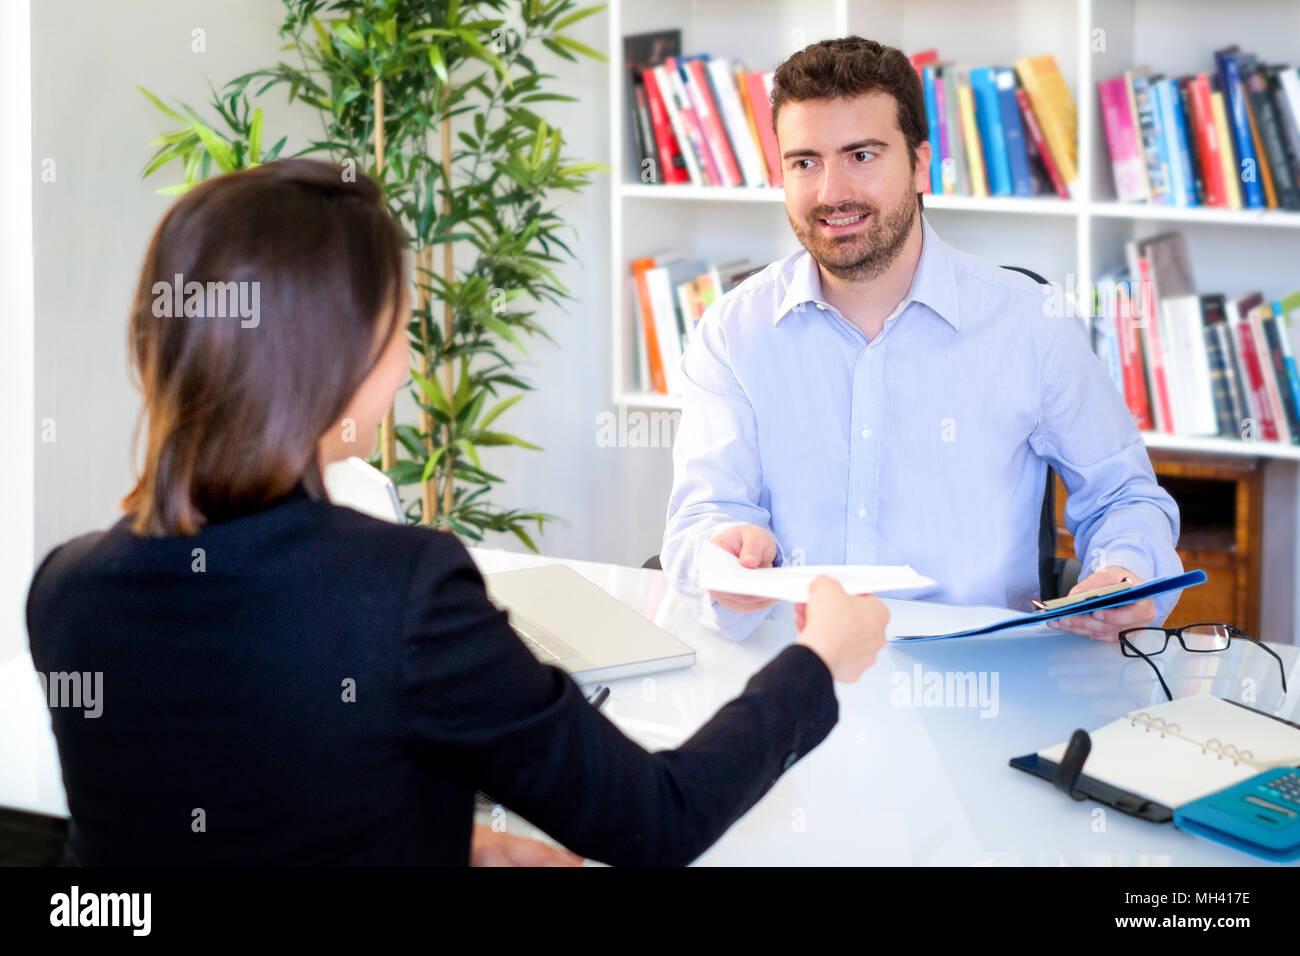 Jeune candidat montrant son curriculum annonce lors d'entretien d'embauche Photo Stock